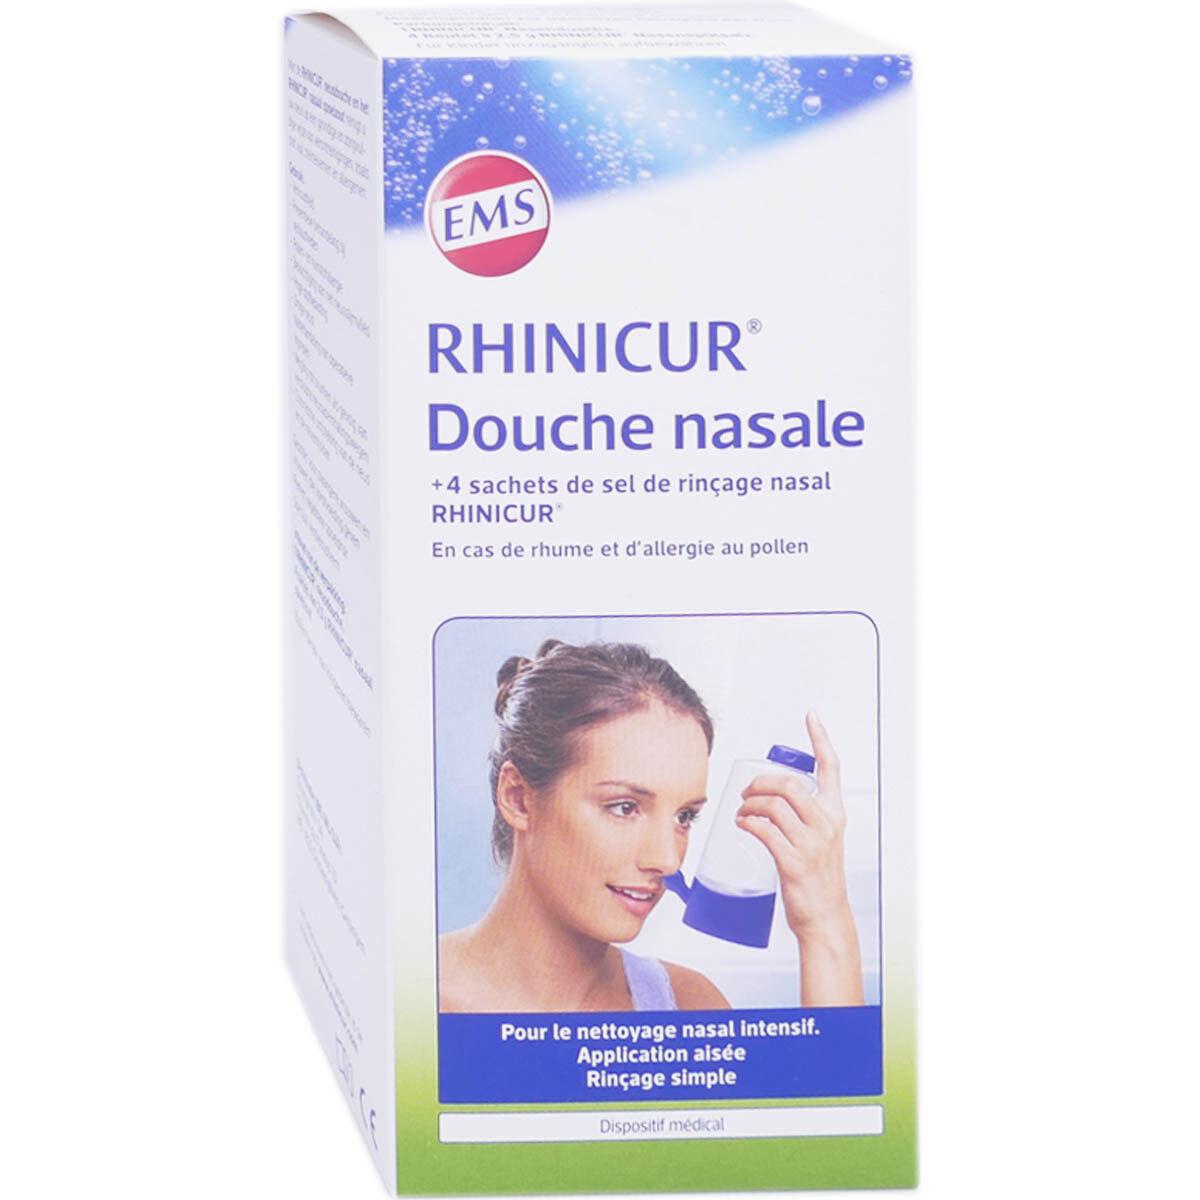 DIVERS Rhinicur douche nasale + 4 sachets de sel de rincage